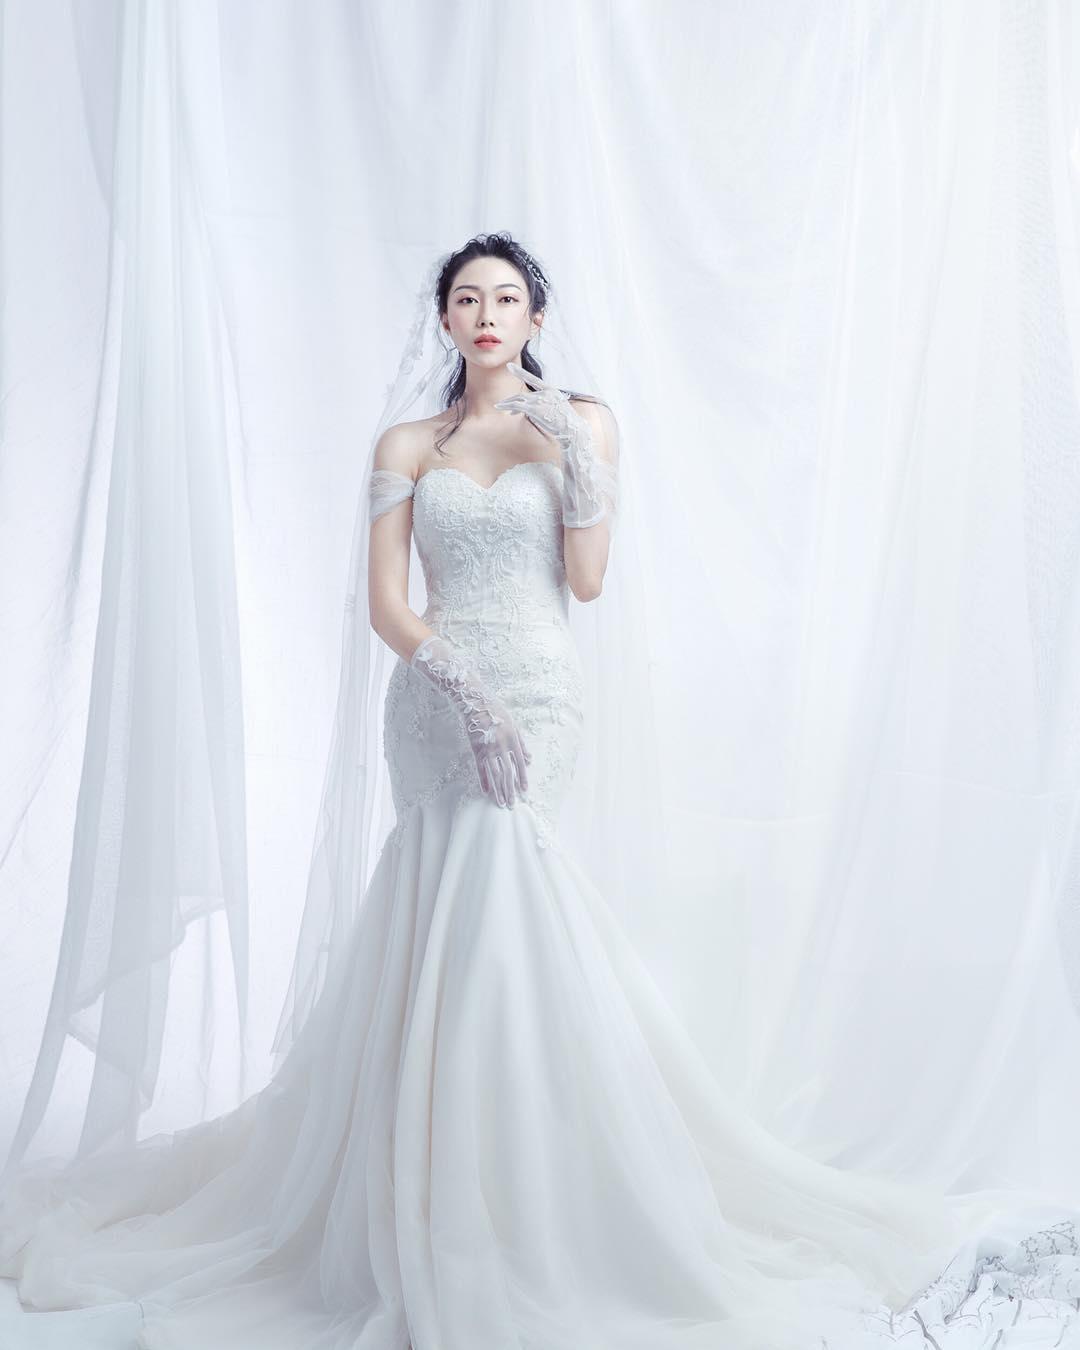 صور فساتين زواج فخمة وعصرية